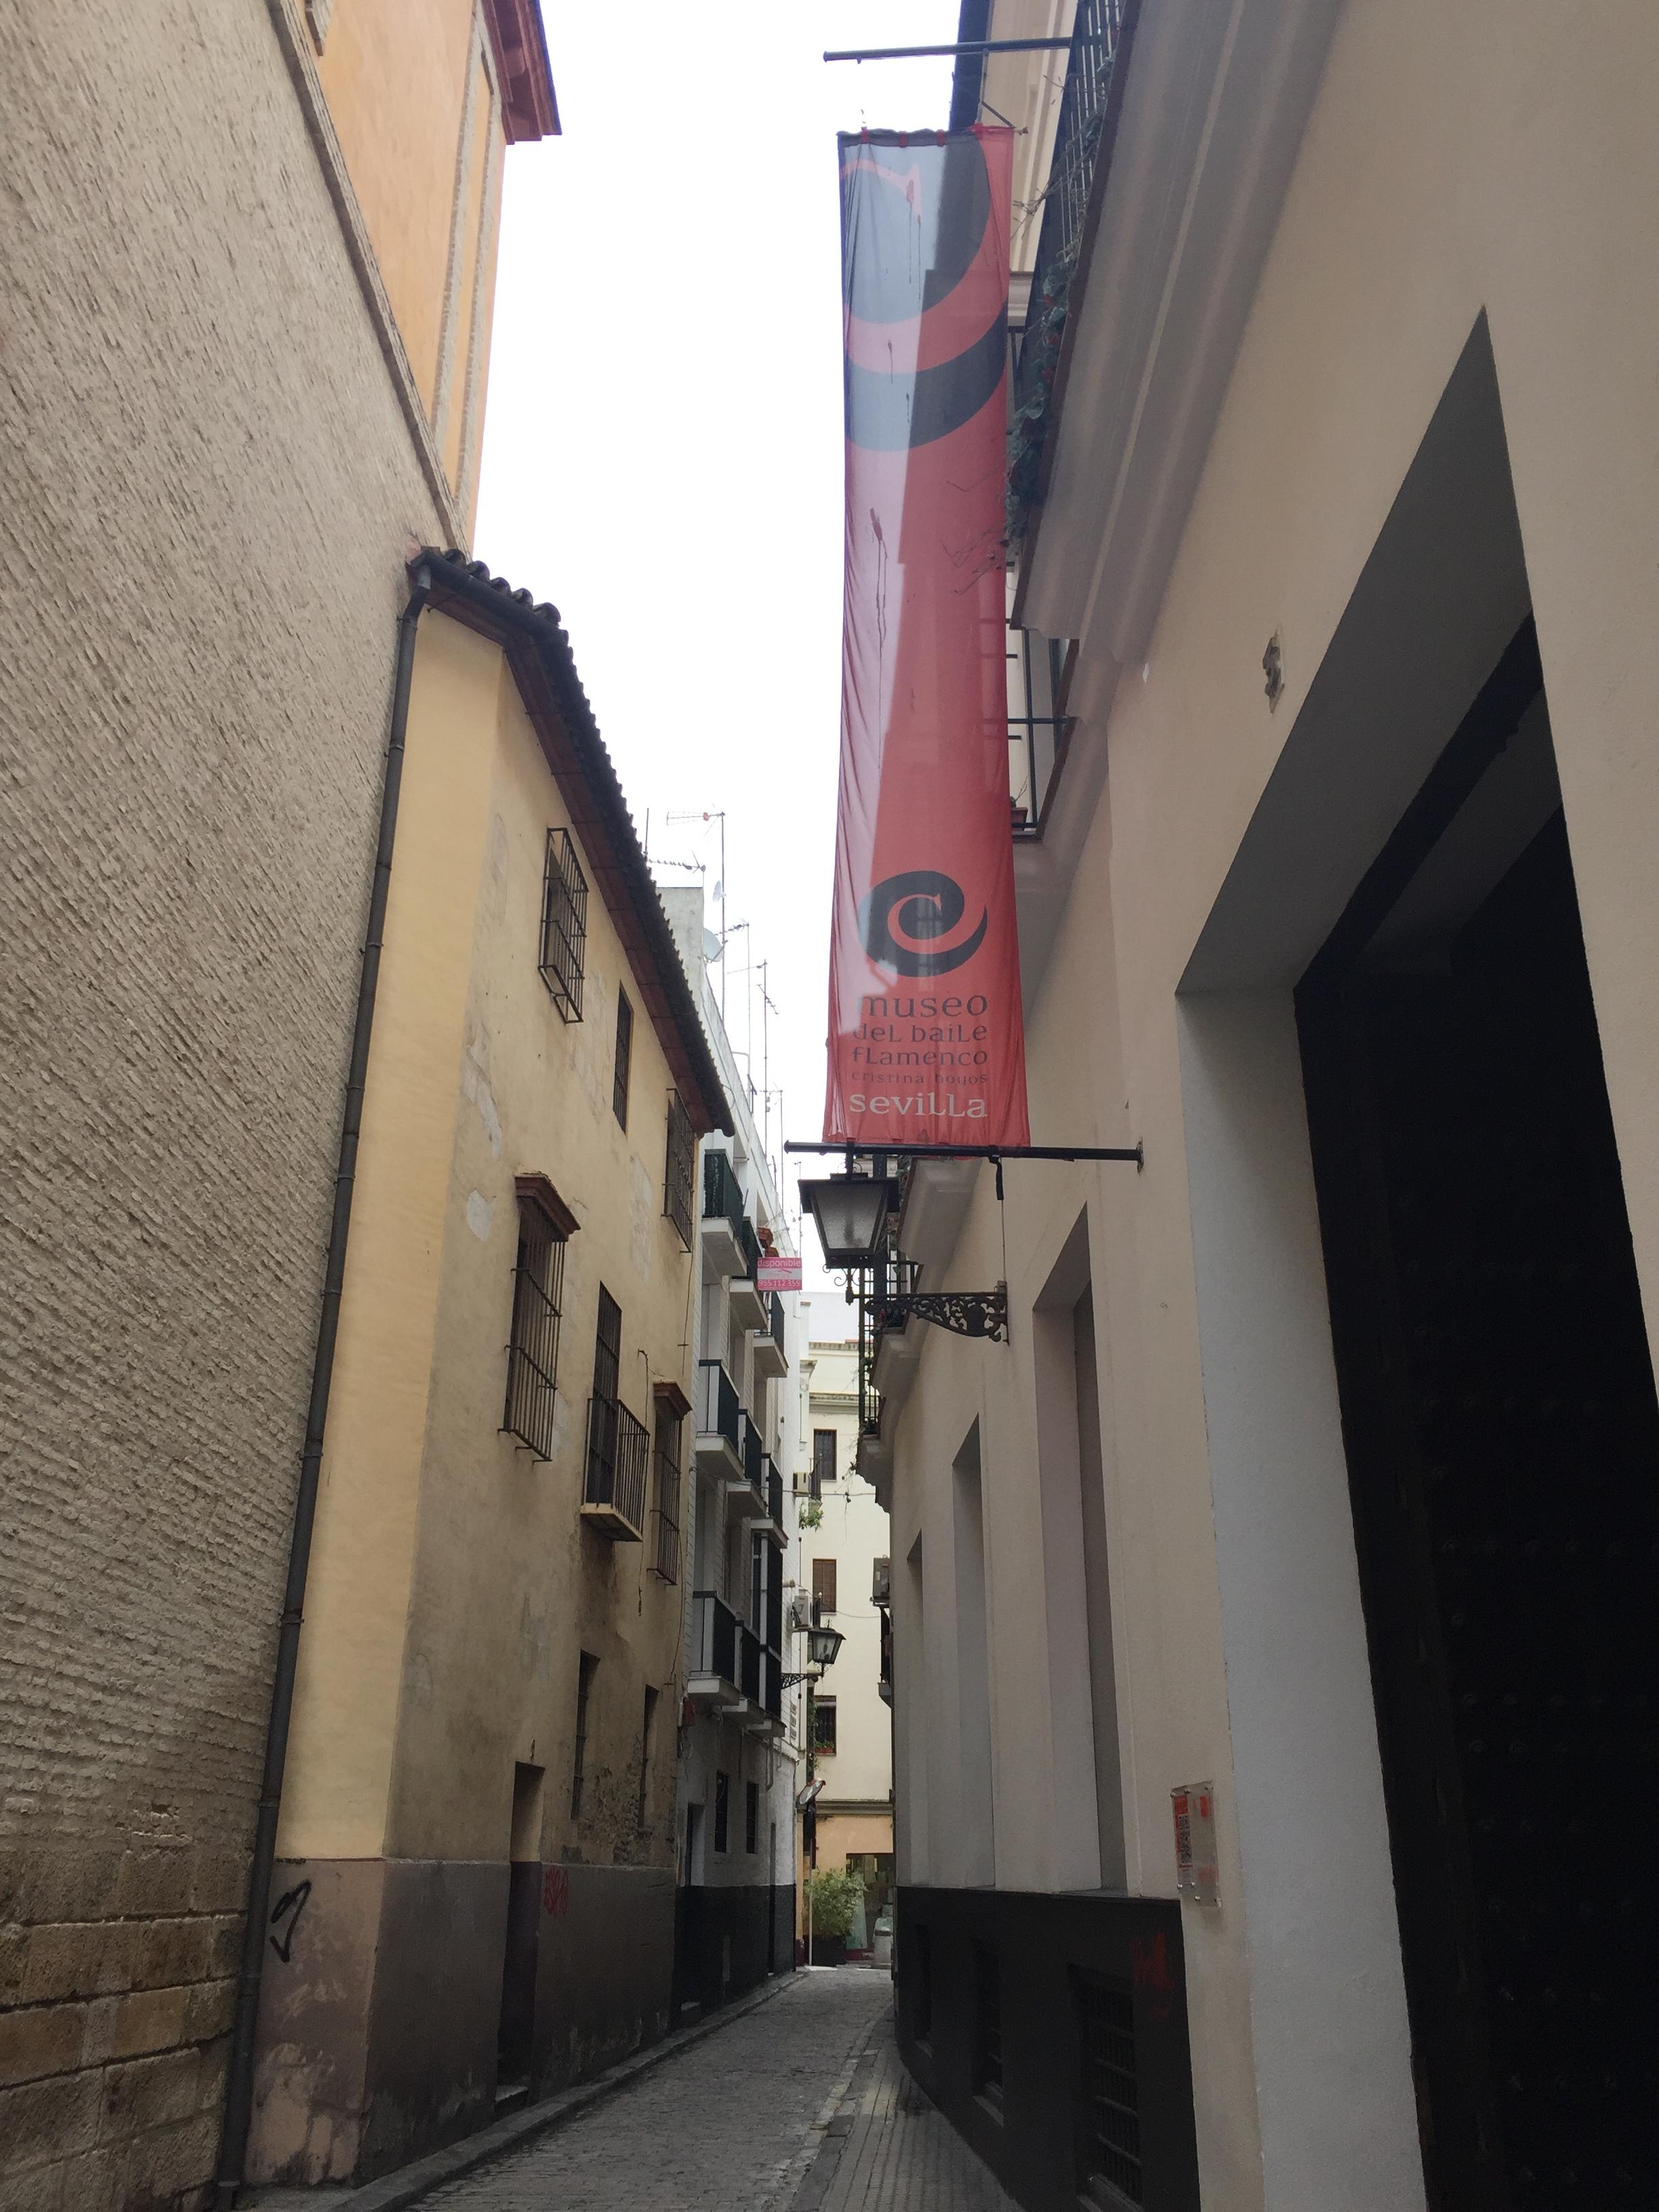 The Flamenco Museum.